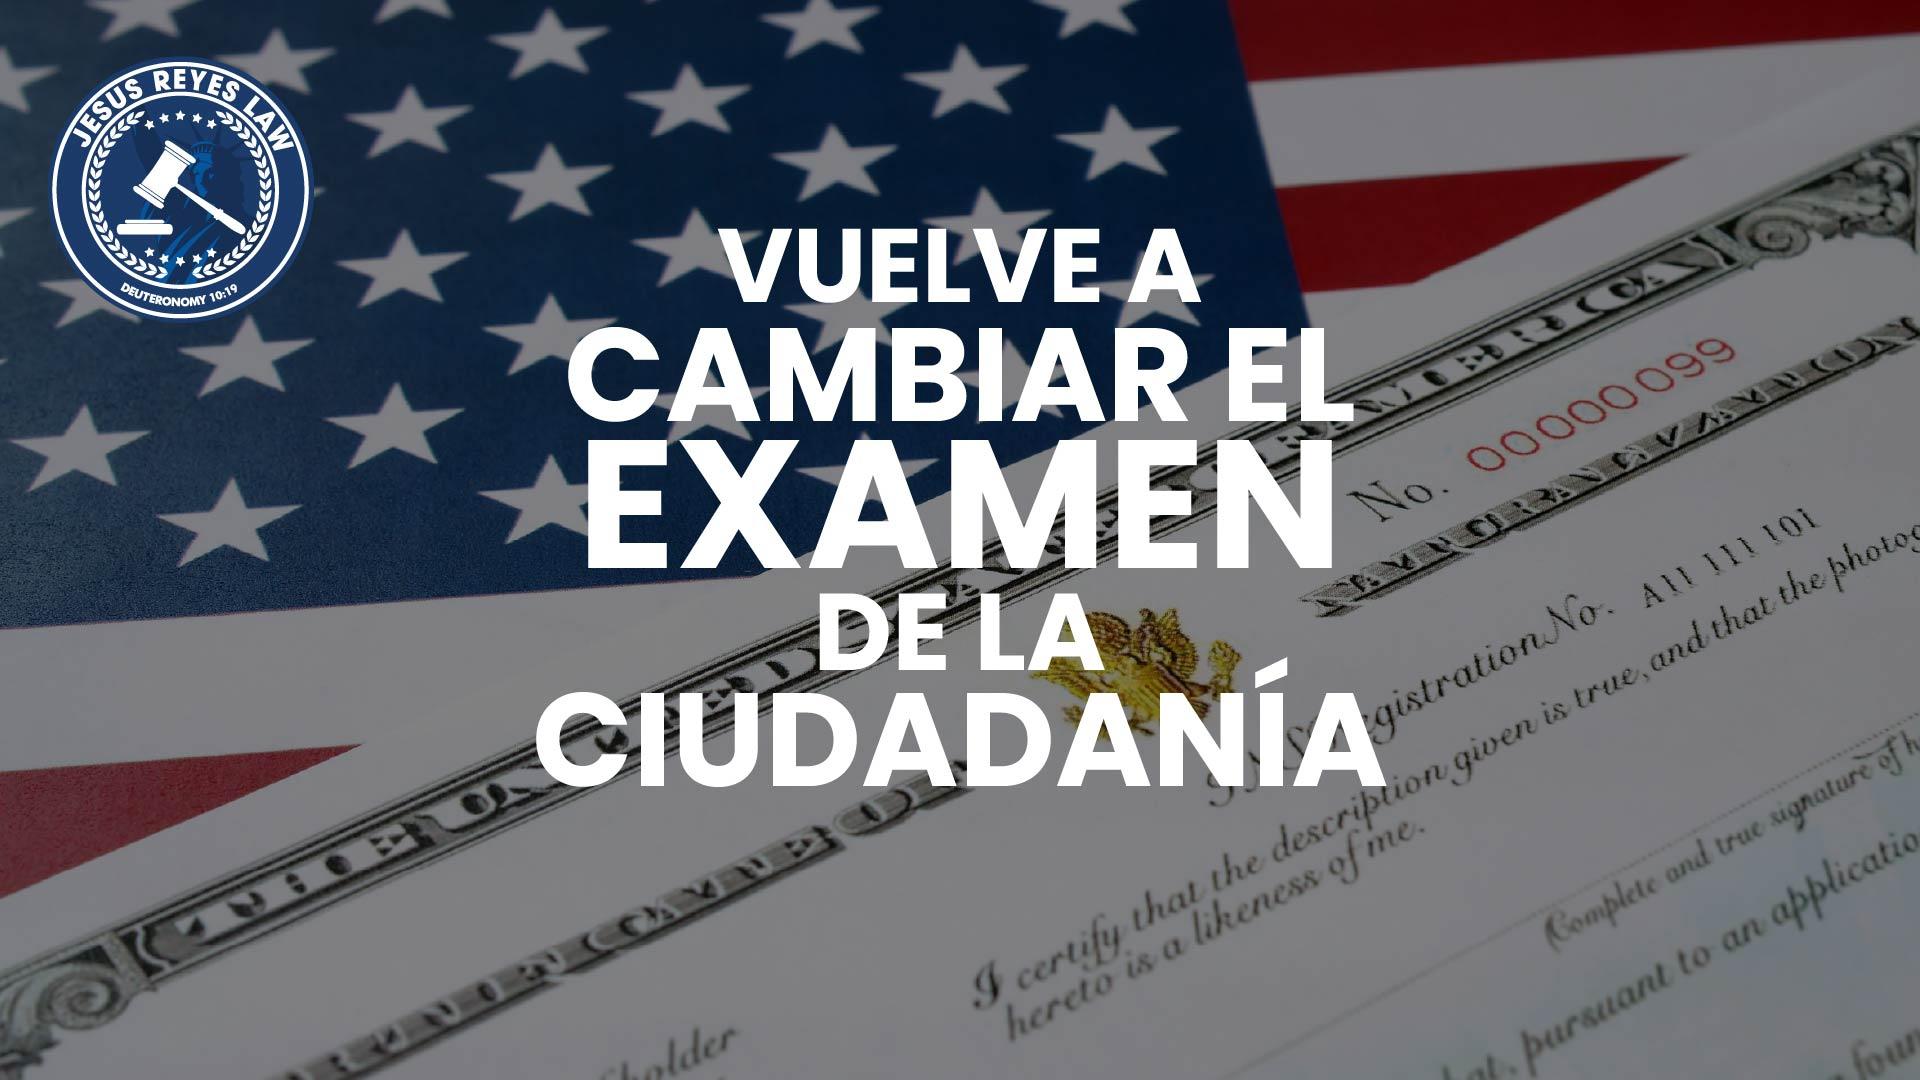 Uscis Vuelve A La Version Del 2008 Del Examen De Educacion Civica Para Naturalizacion Jesus Reyes Law